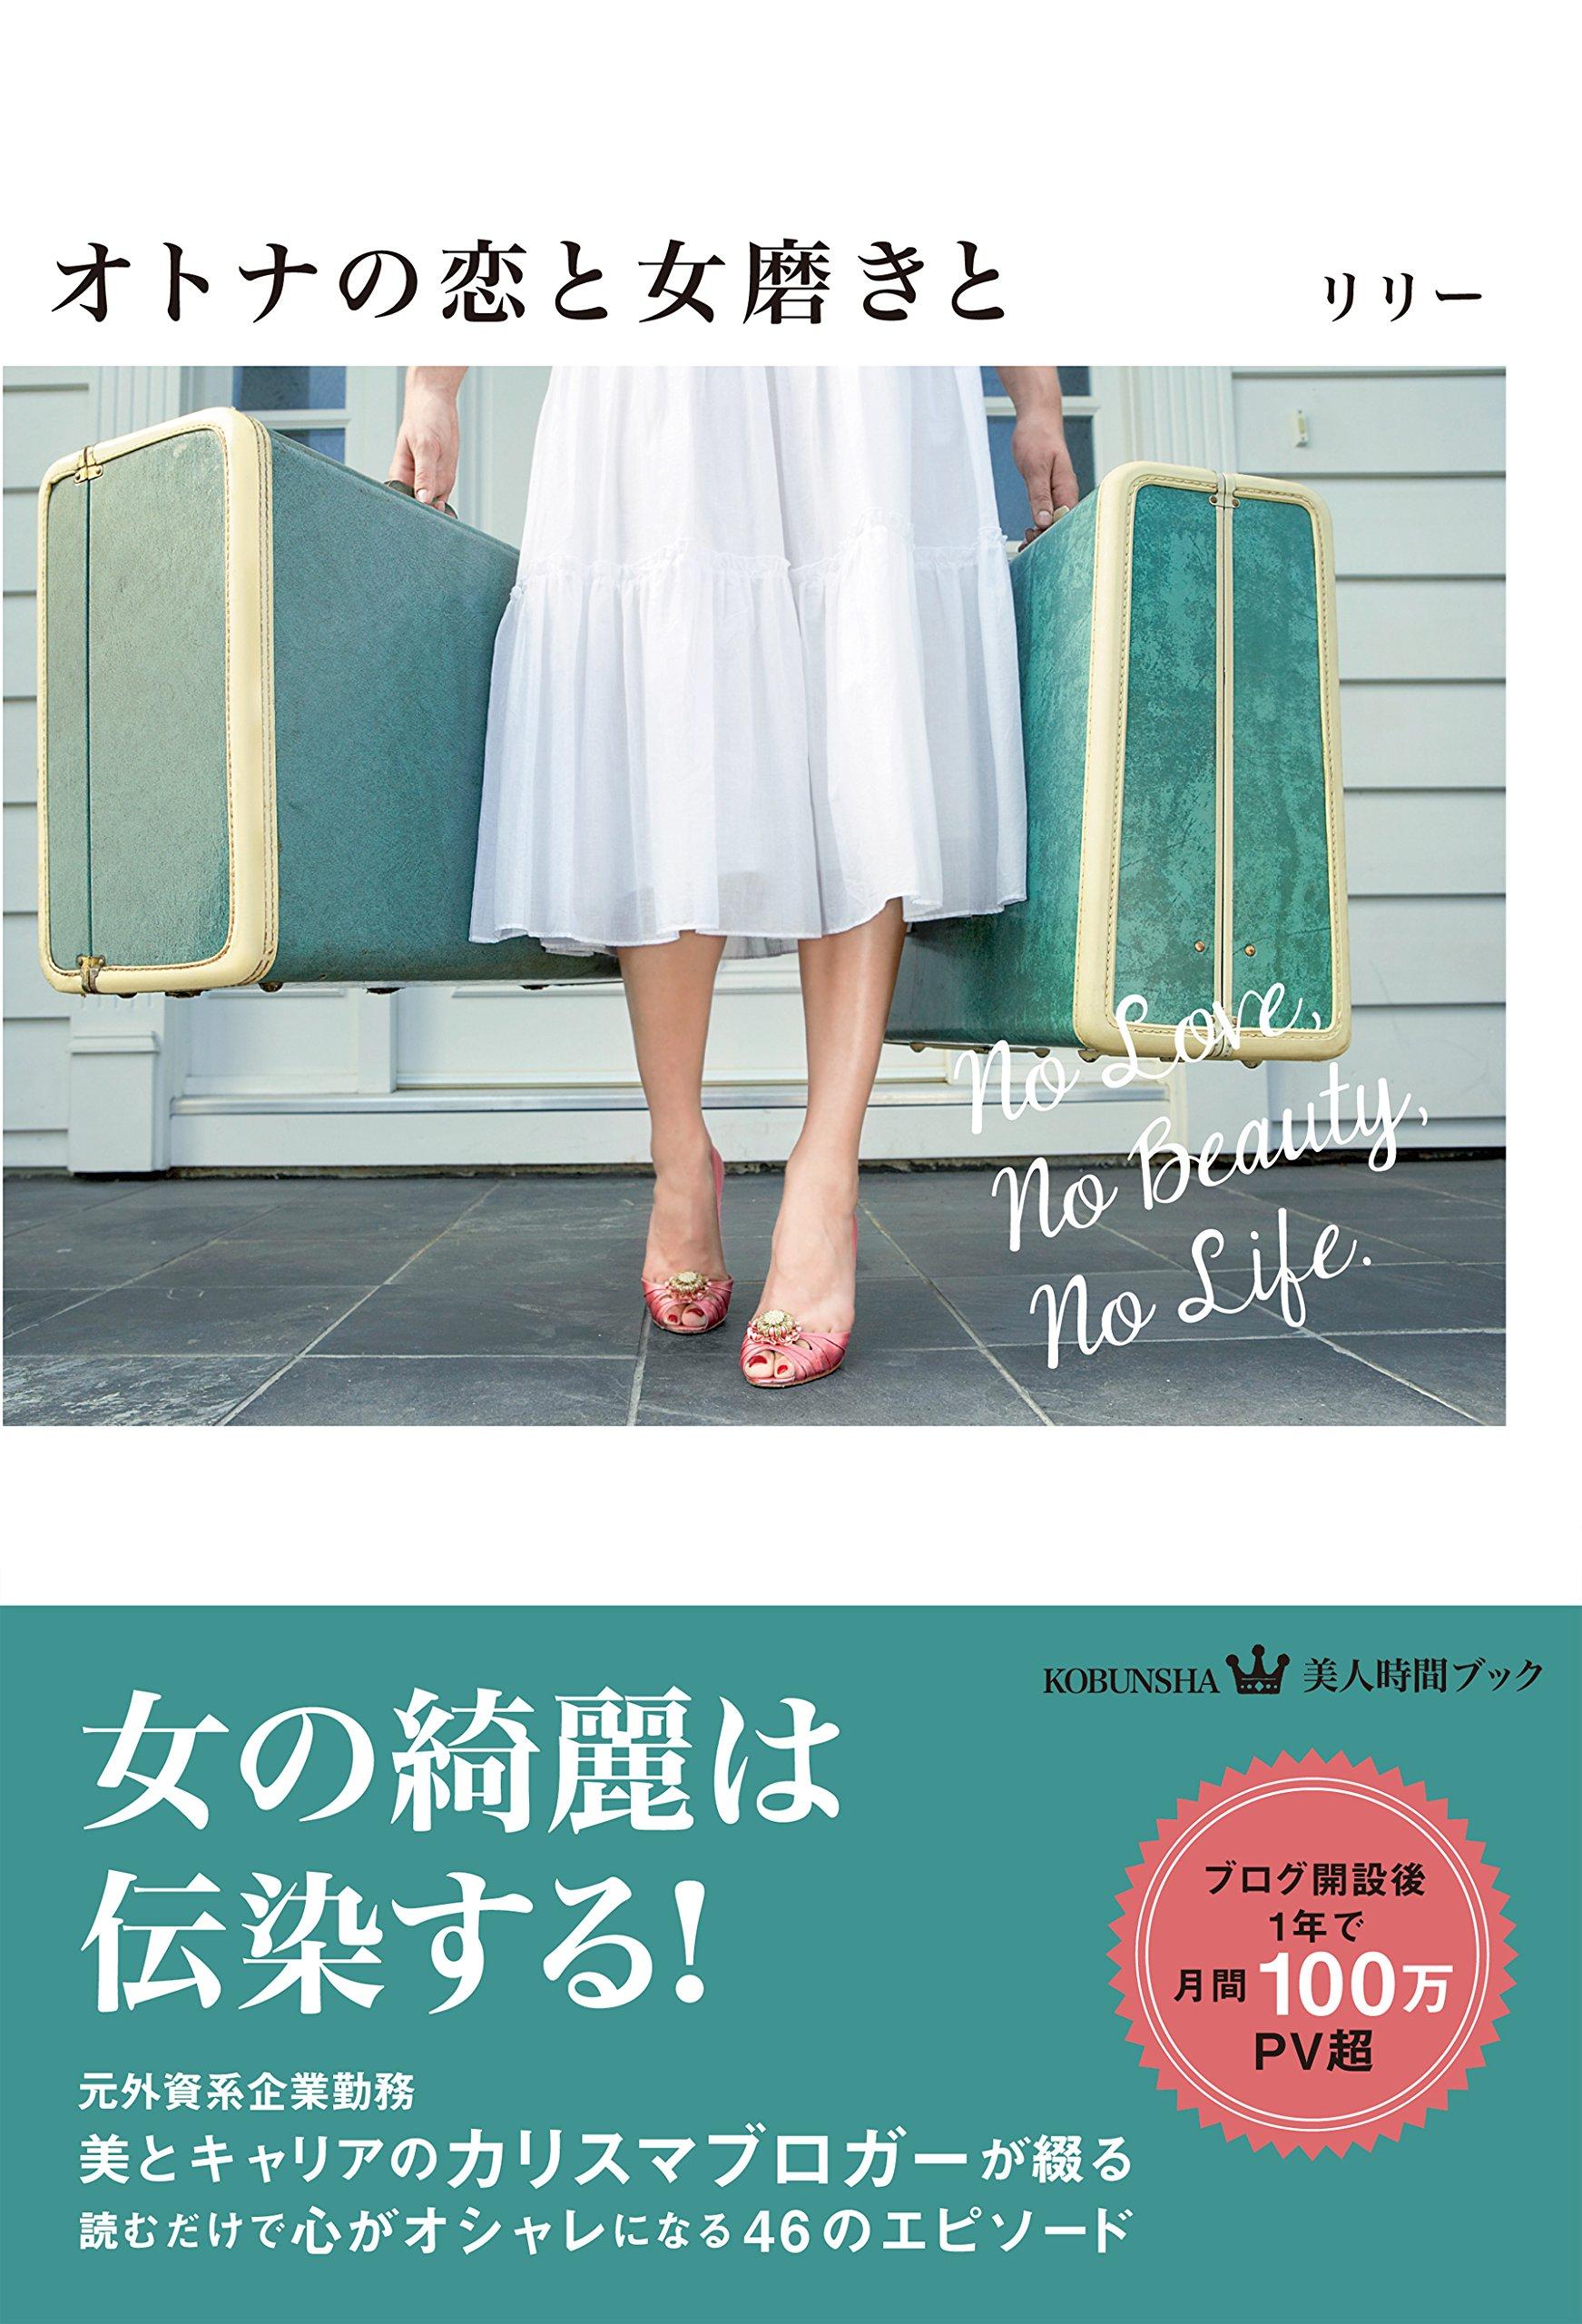 オトナの恋と女磨きと (美人時間ブック) | リリー |本 | 通販 | Amazon